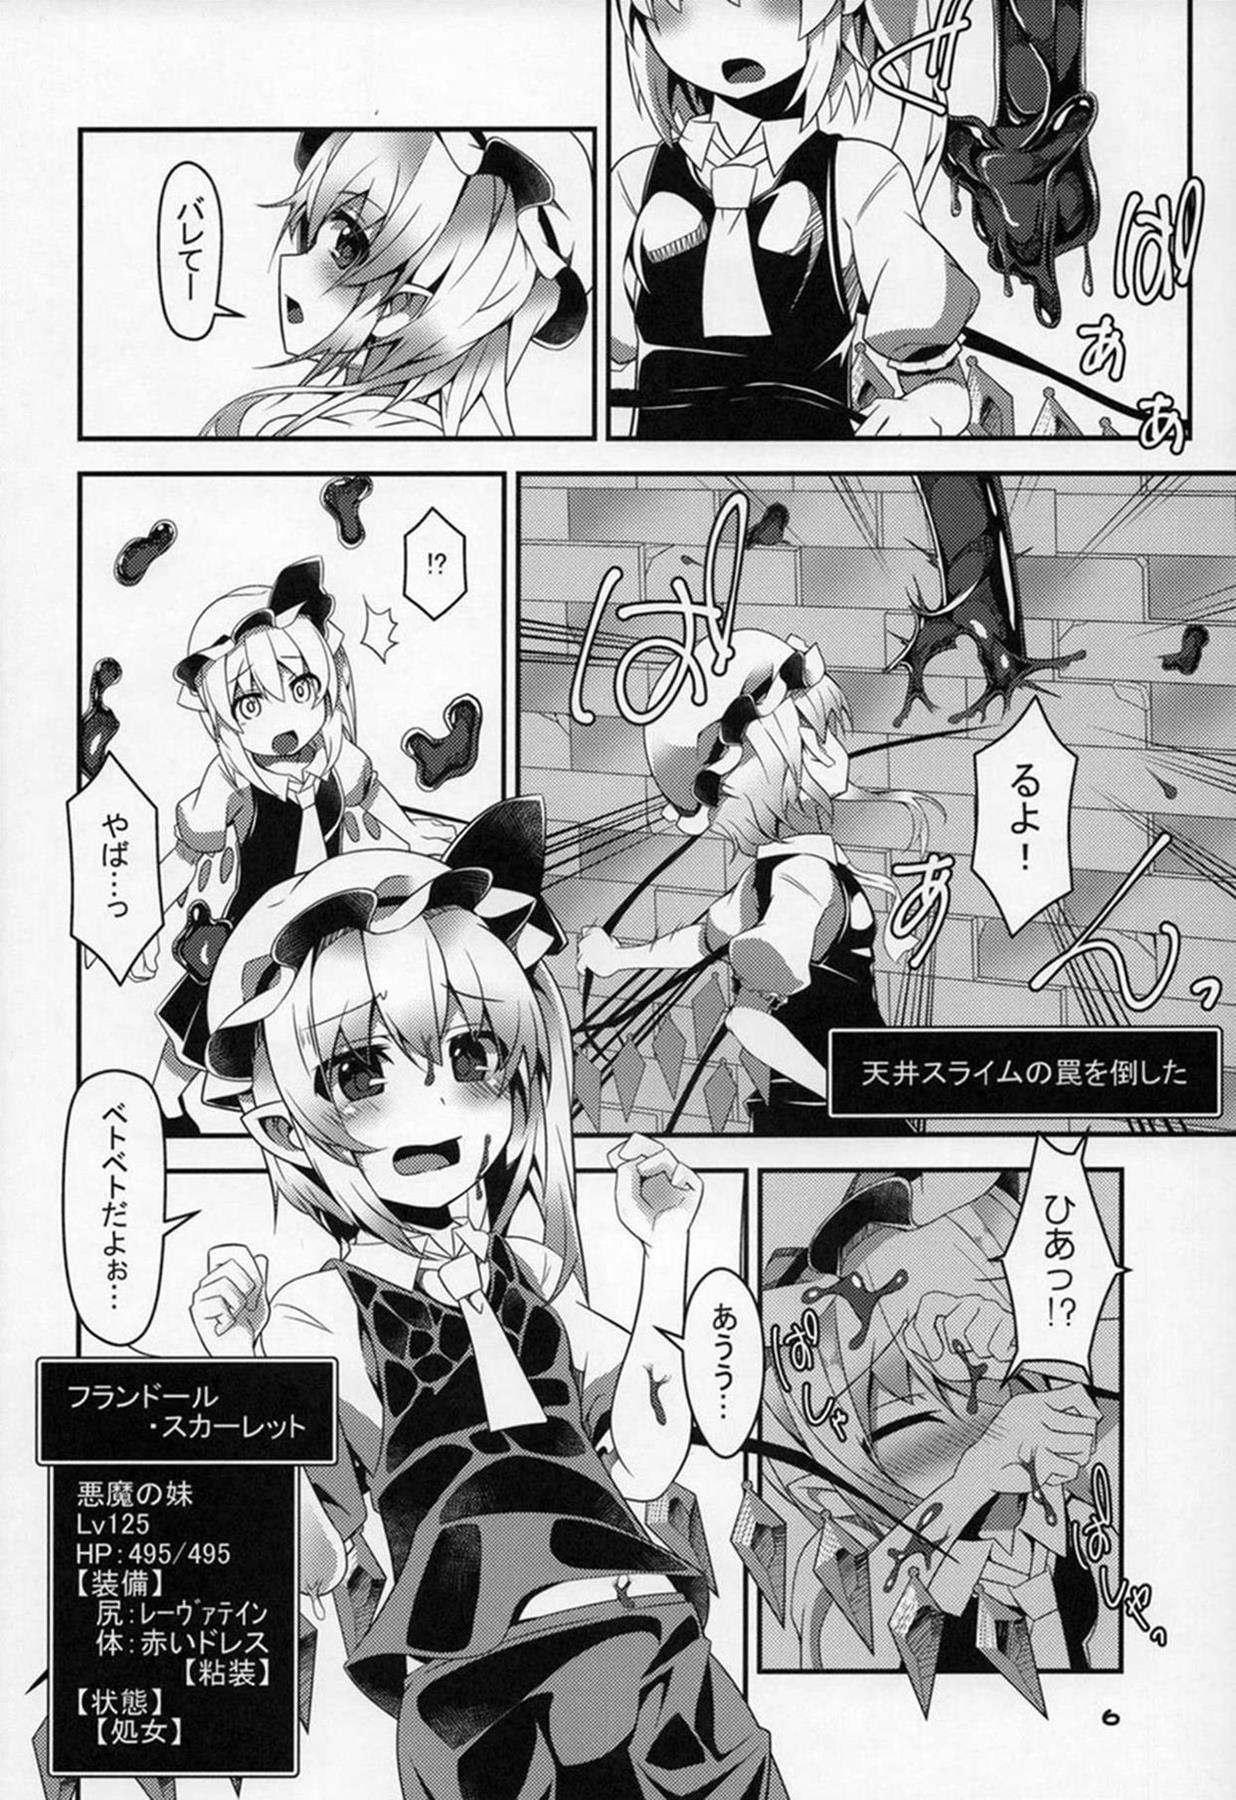 【東方 エロ漫画・エロ同人】エロトラップにハマりまくってイかされすぎて結局抜け出せなかったフランちゃんwwwww (6)